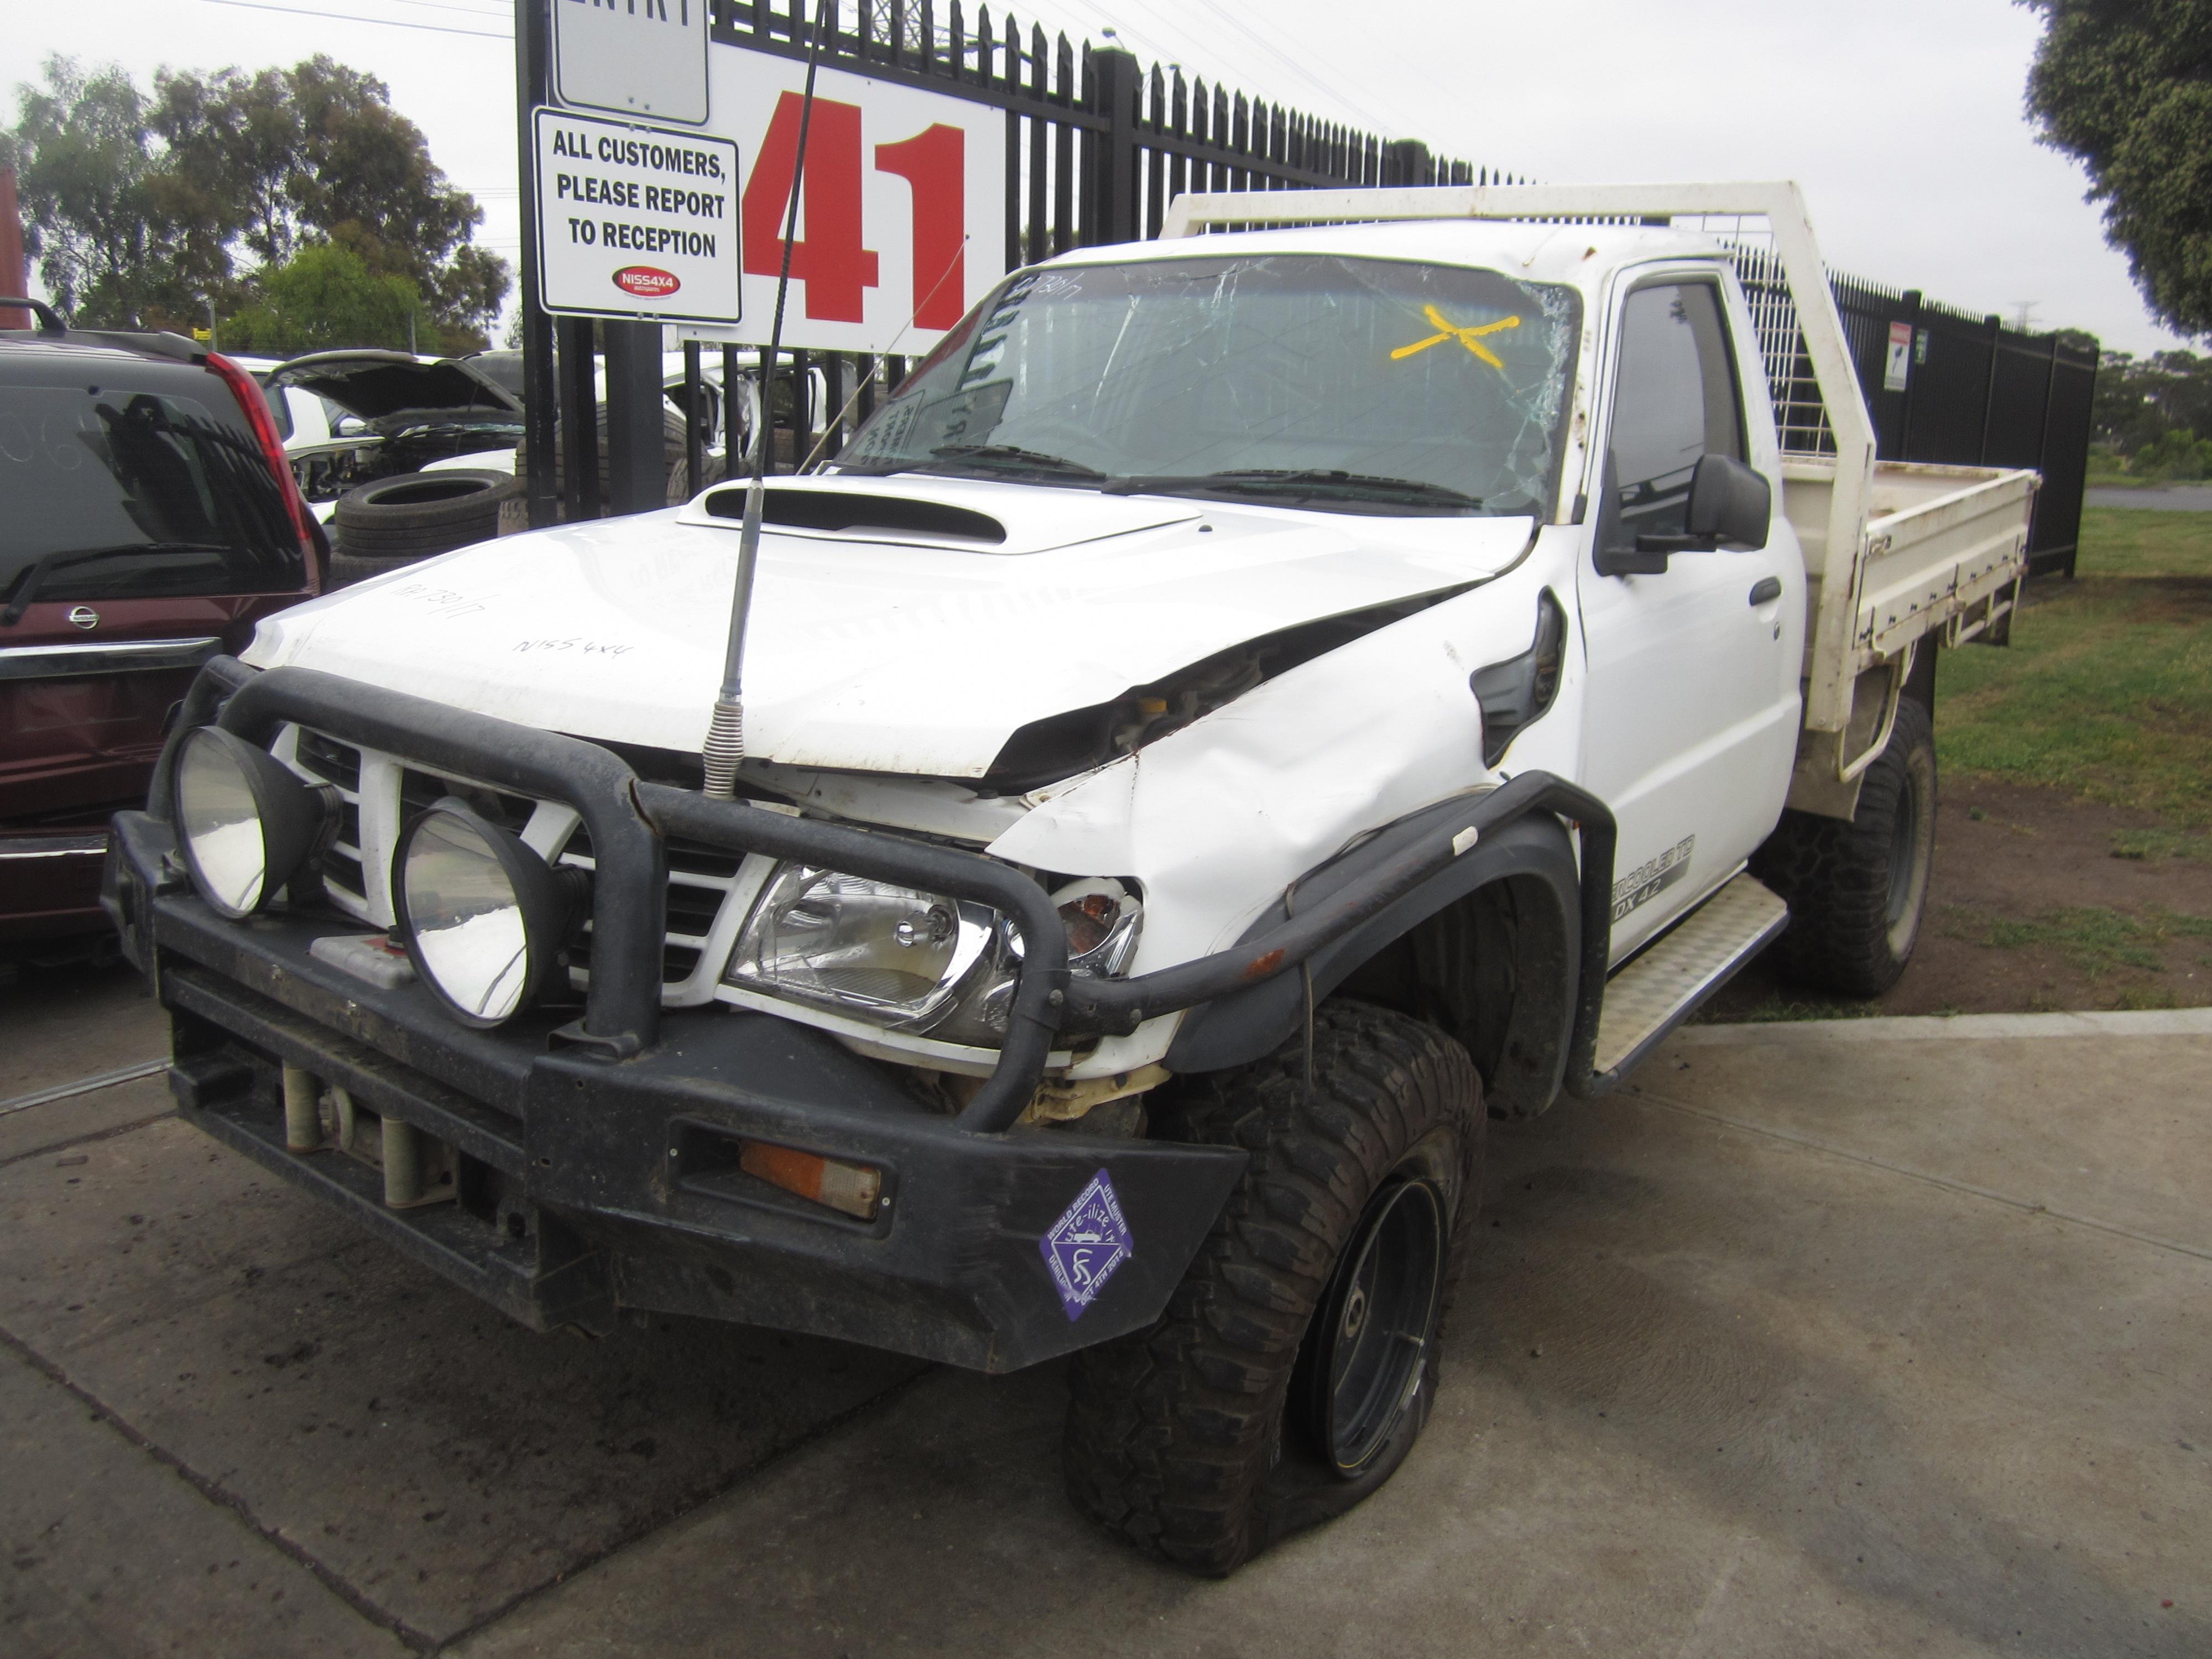 nissan patrol y61 gu ute td42 turbo diesel 2006 wrecking. Black Bedroom Furniture Sets. Home Design Ideas